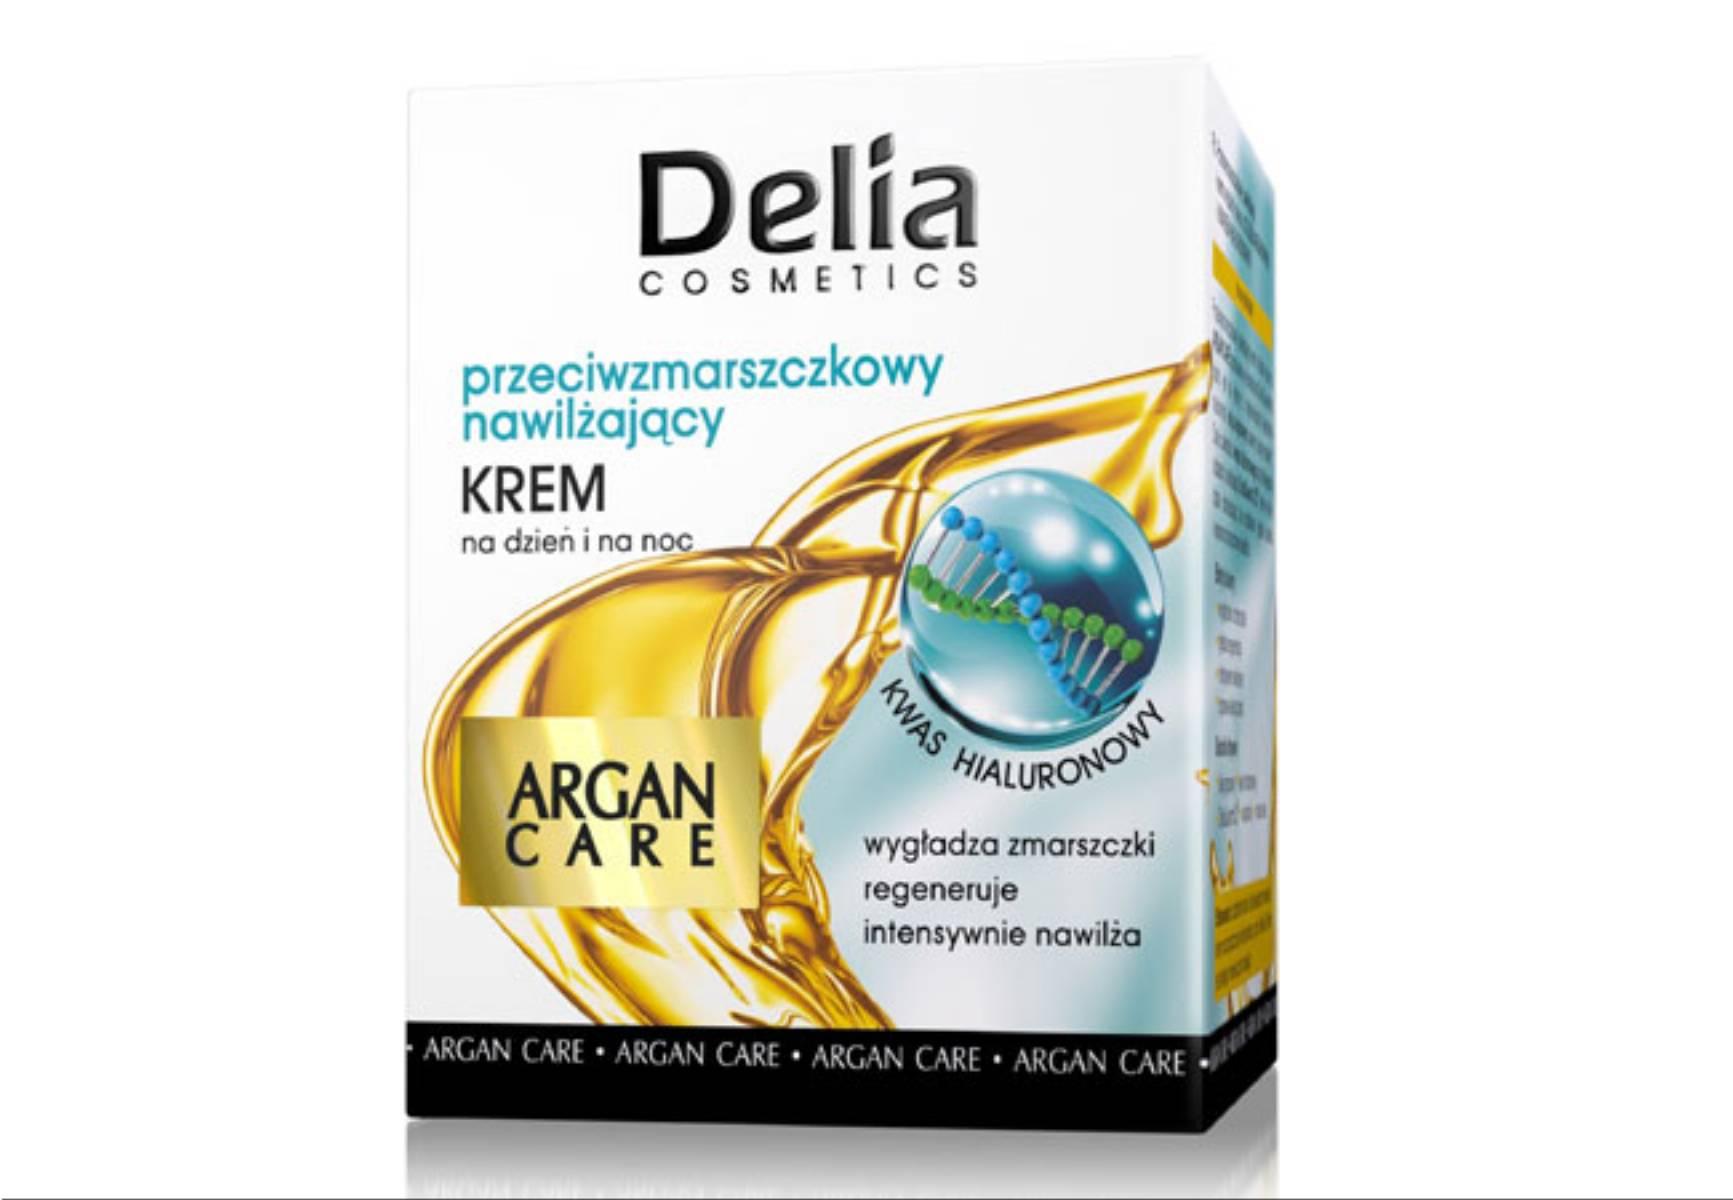 Delia Cosmetics - krem przeciwzmarszczkowy nawilzajacy Argan Care